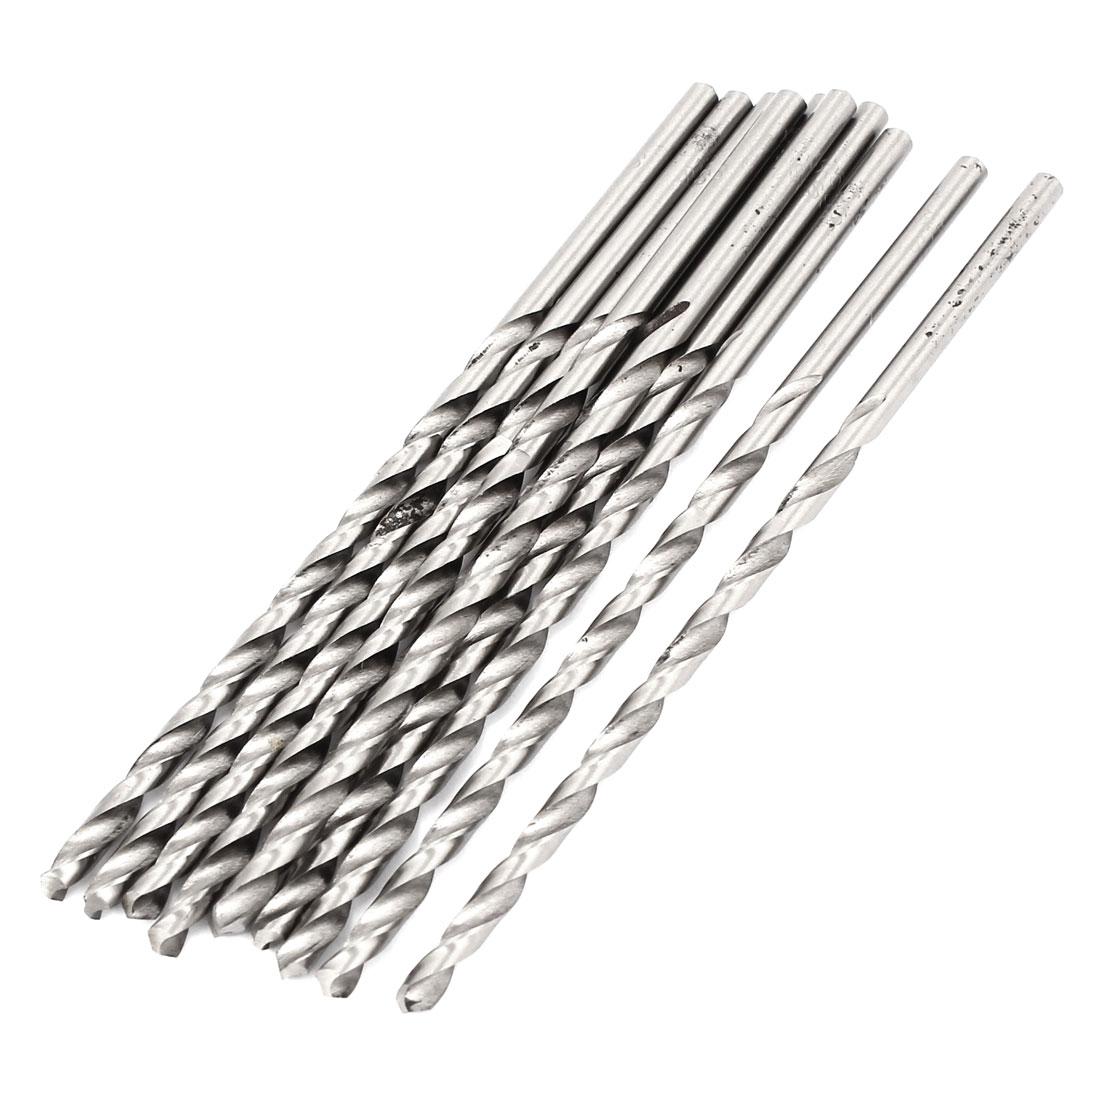 3.5mm x 80mm Straight Shank HSS Twist Drill Drilling Bits Silver Tone 10pcs